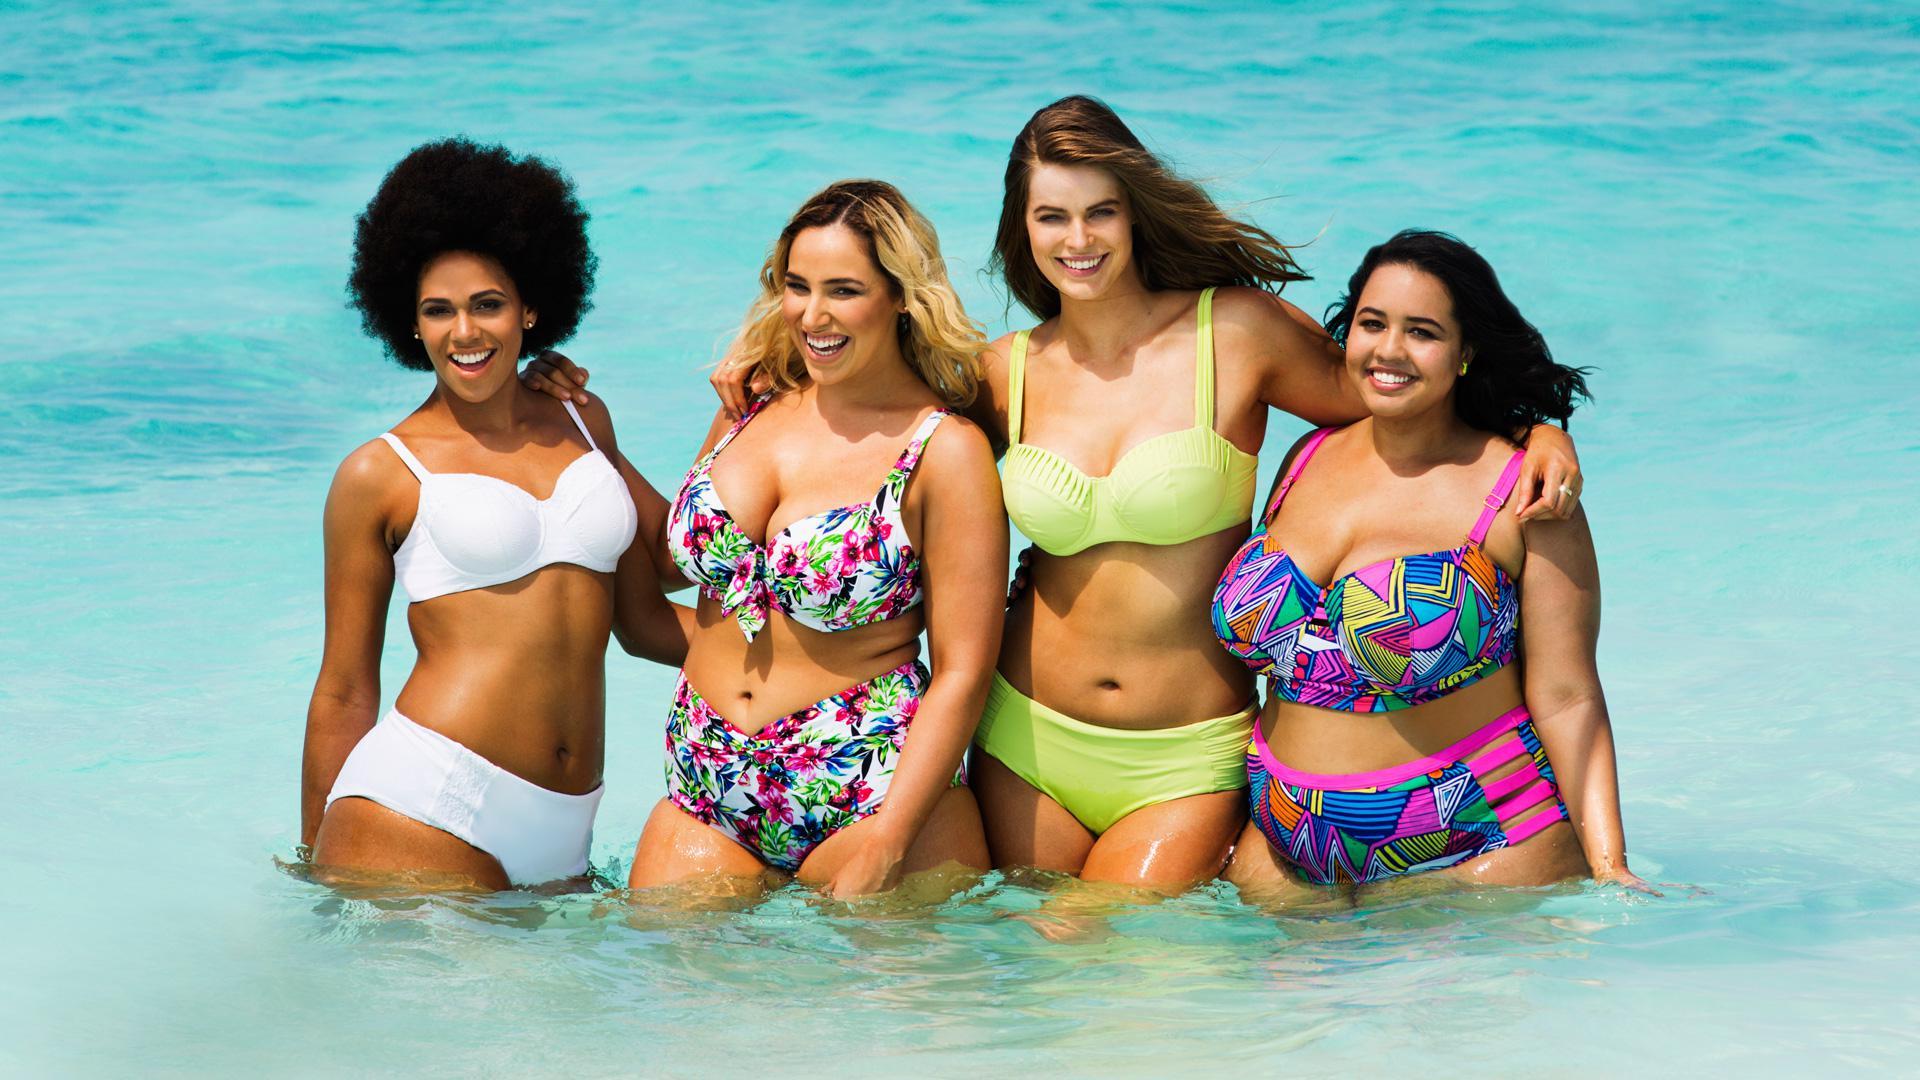 Фото большие формы зрелых, Частное порно фото голых зрелых женщин, голые зрелки 26 фотография